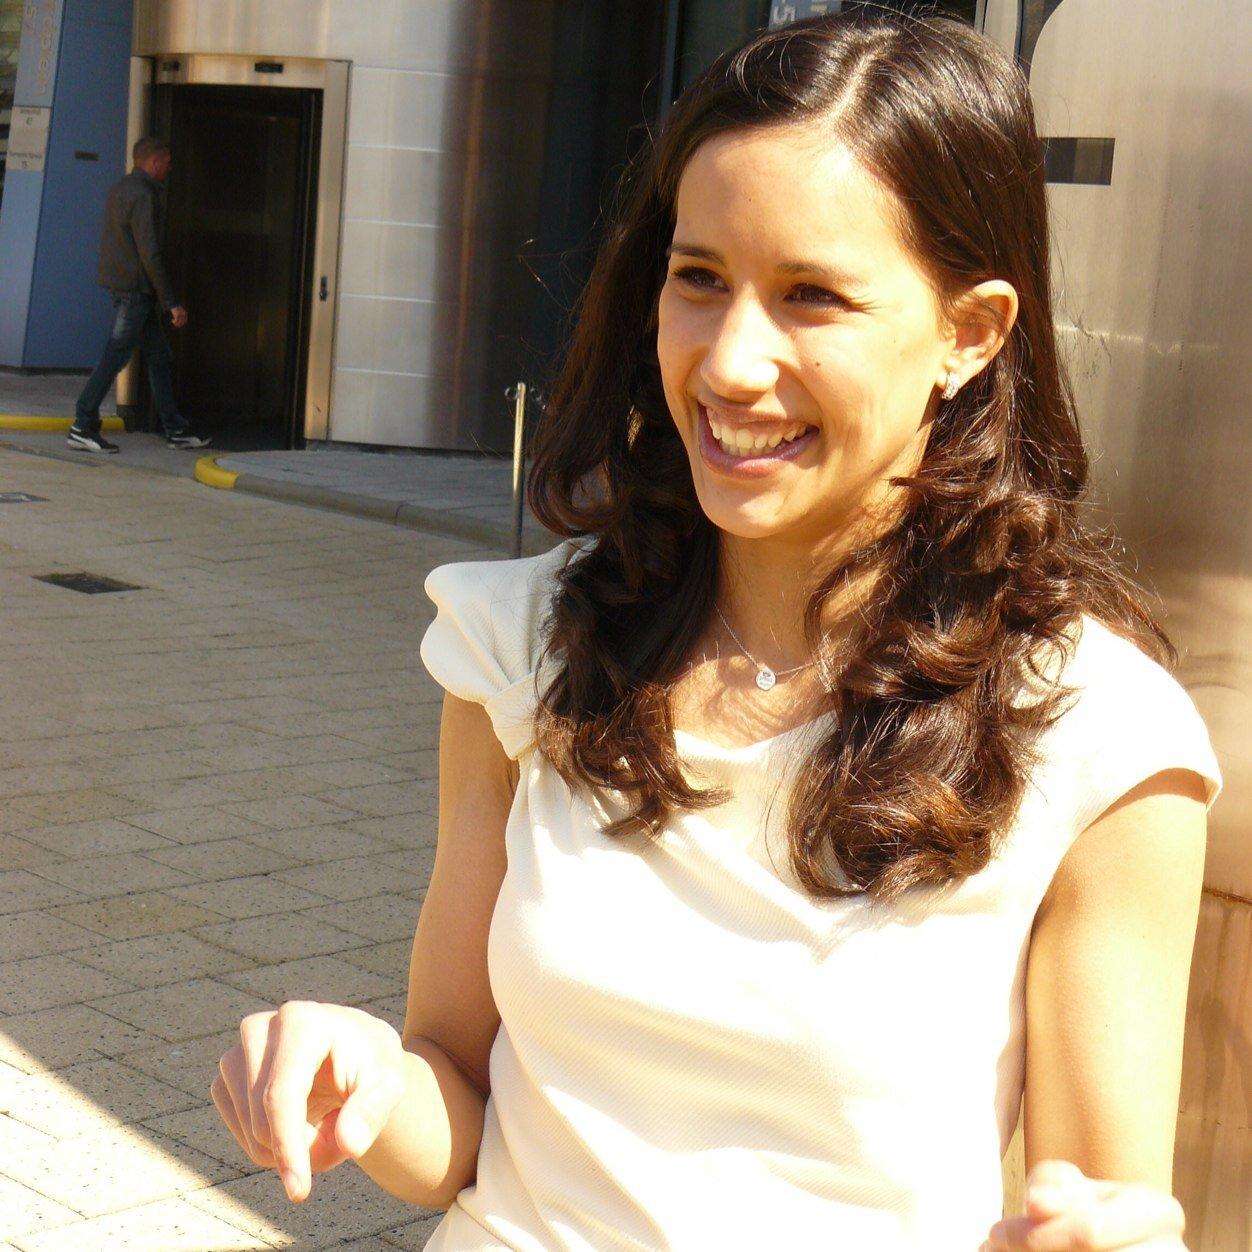 Paparazzi Marina Orlova nude (67 photos), Tits, Fappening, Boobs, cameltoe 2006